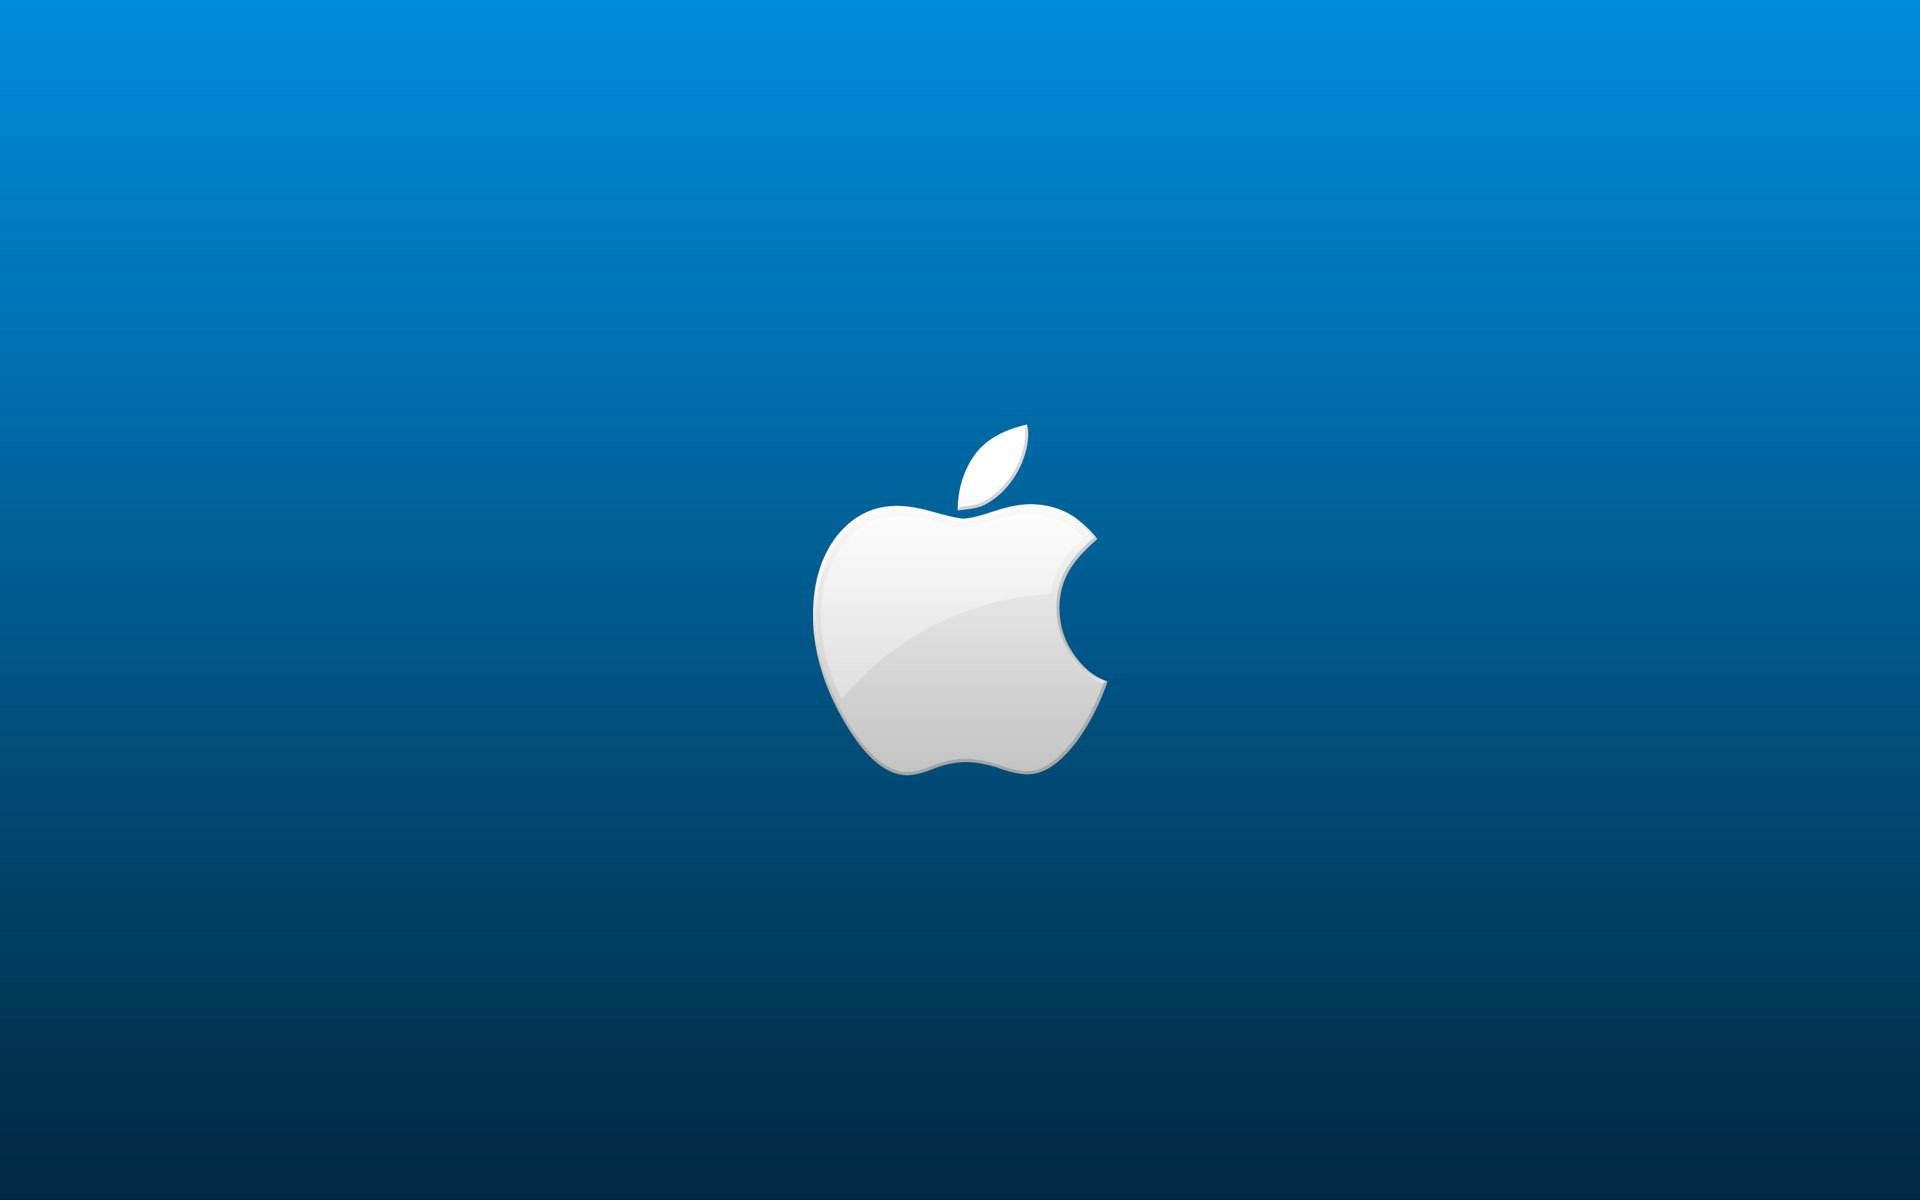 不惜降价20%!三星力争苹果A13芯片订单